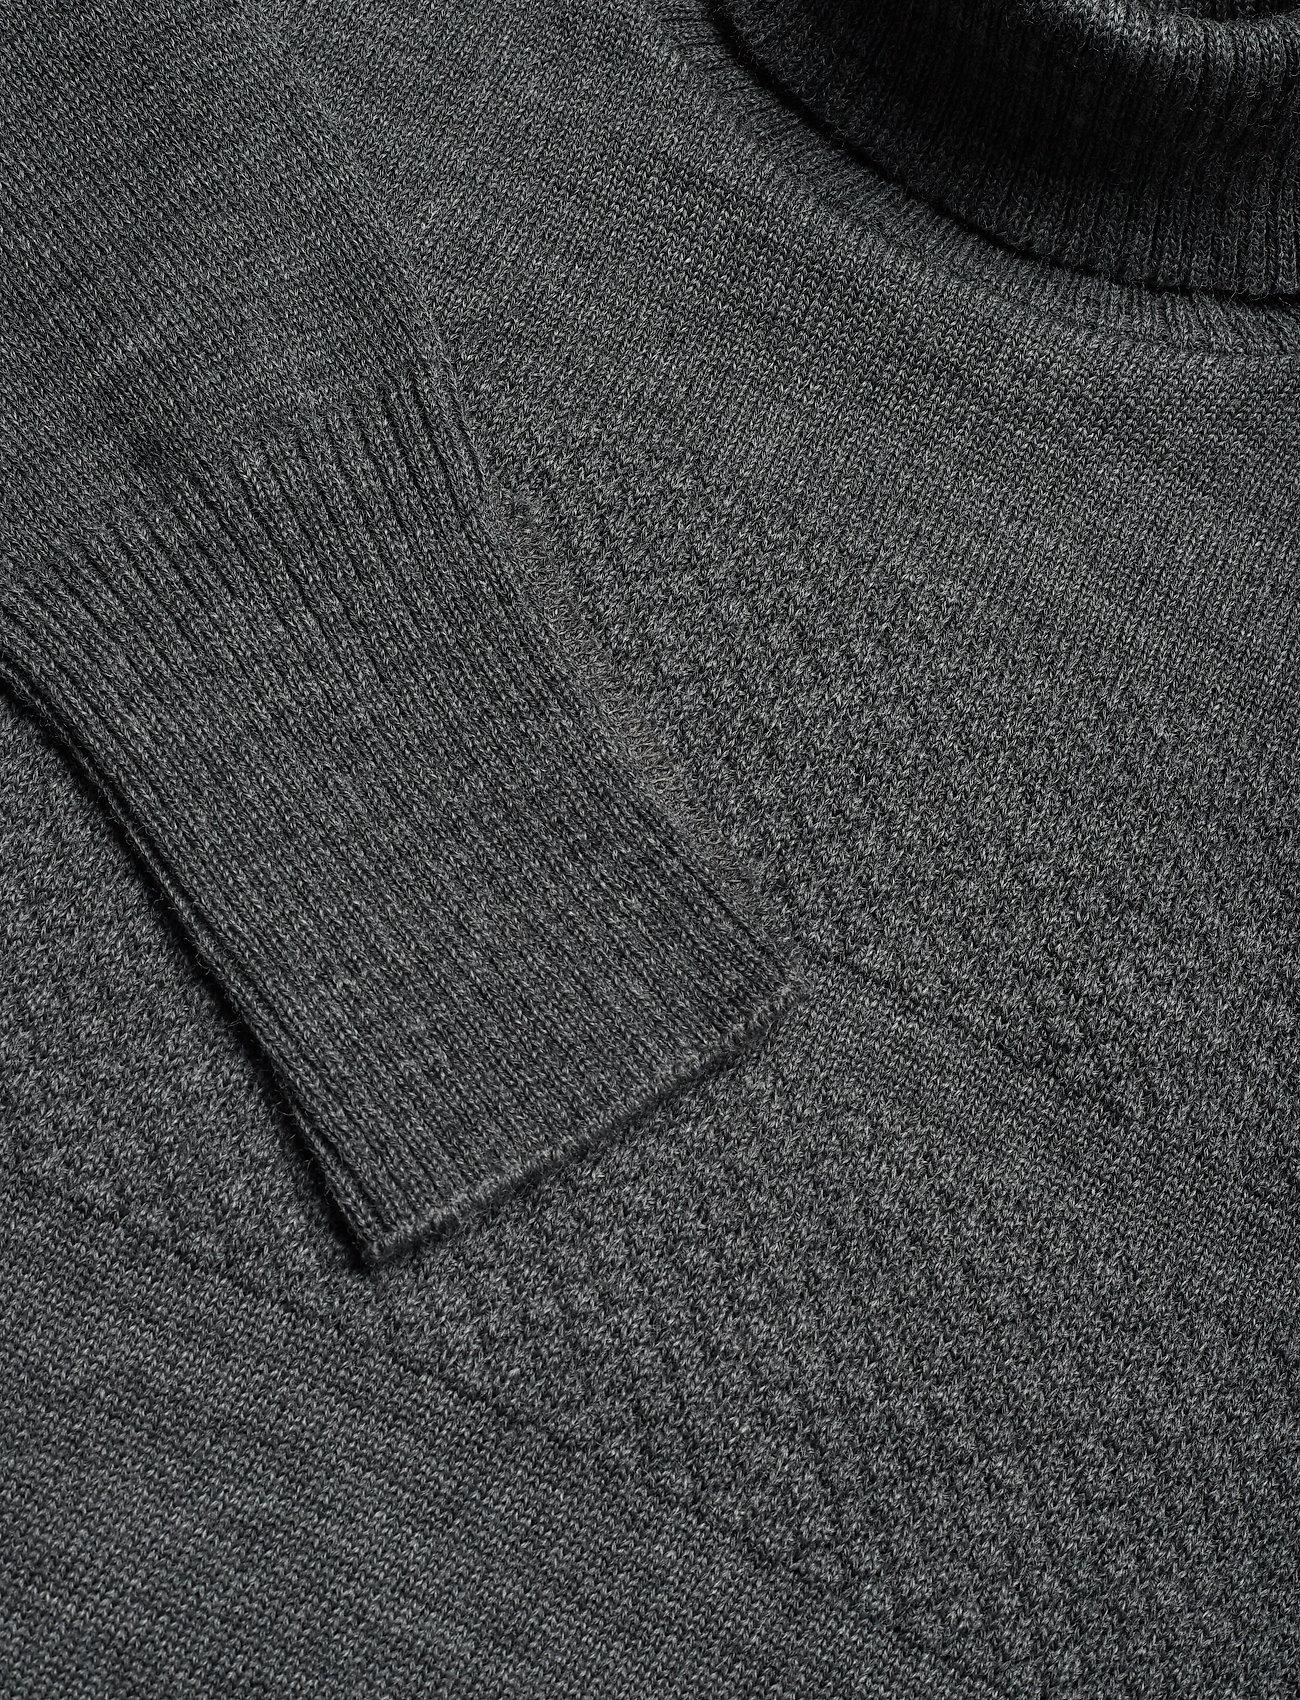 Mads Nørgaard 100% Wool Klemens - Strikkevarer CHARCOAL MELANGE - Menn Klær